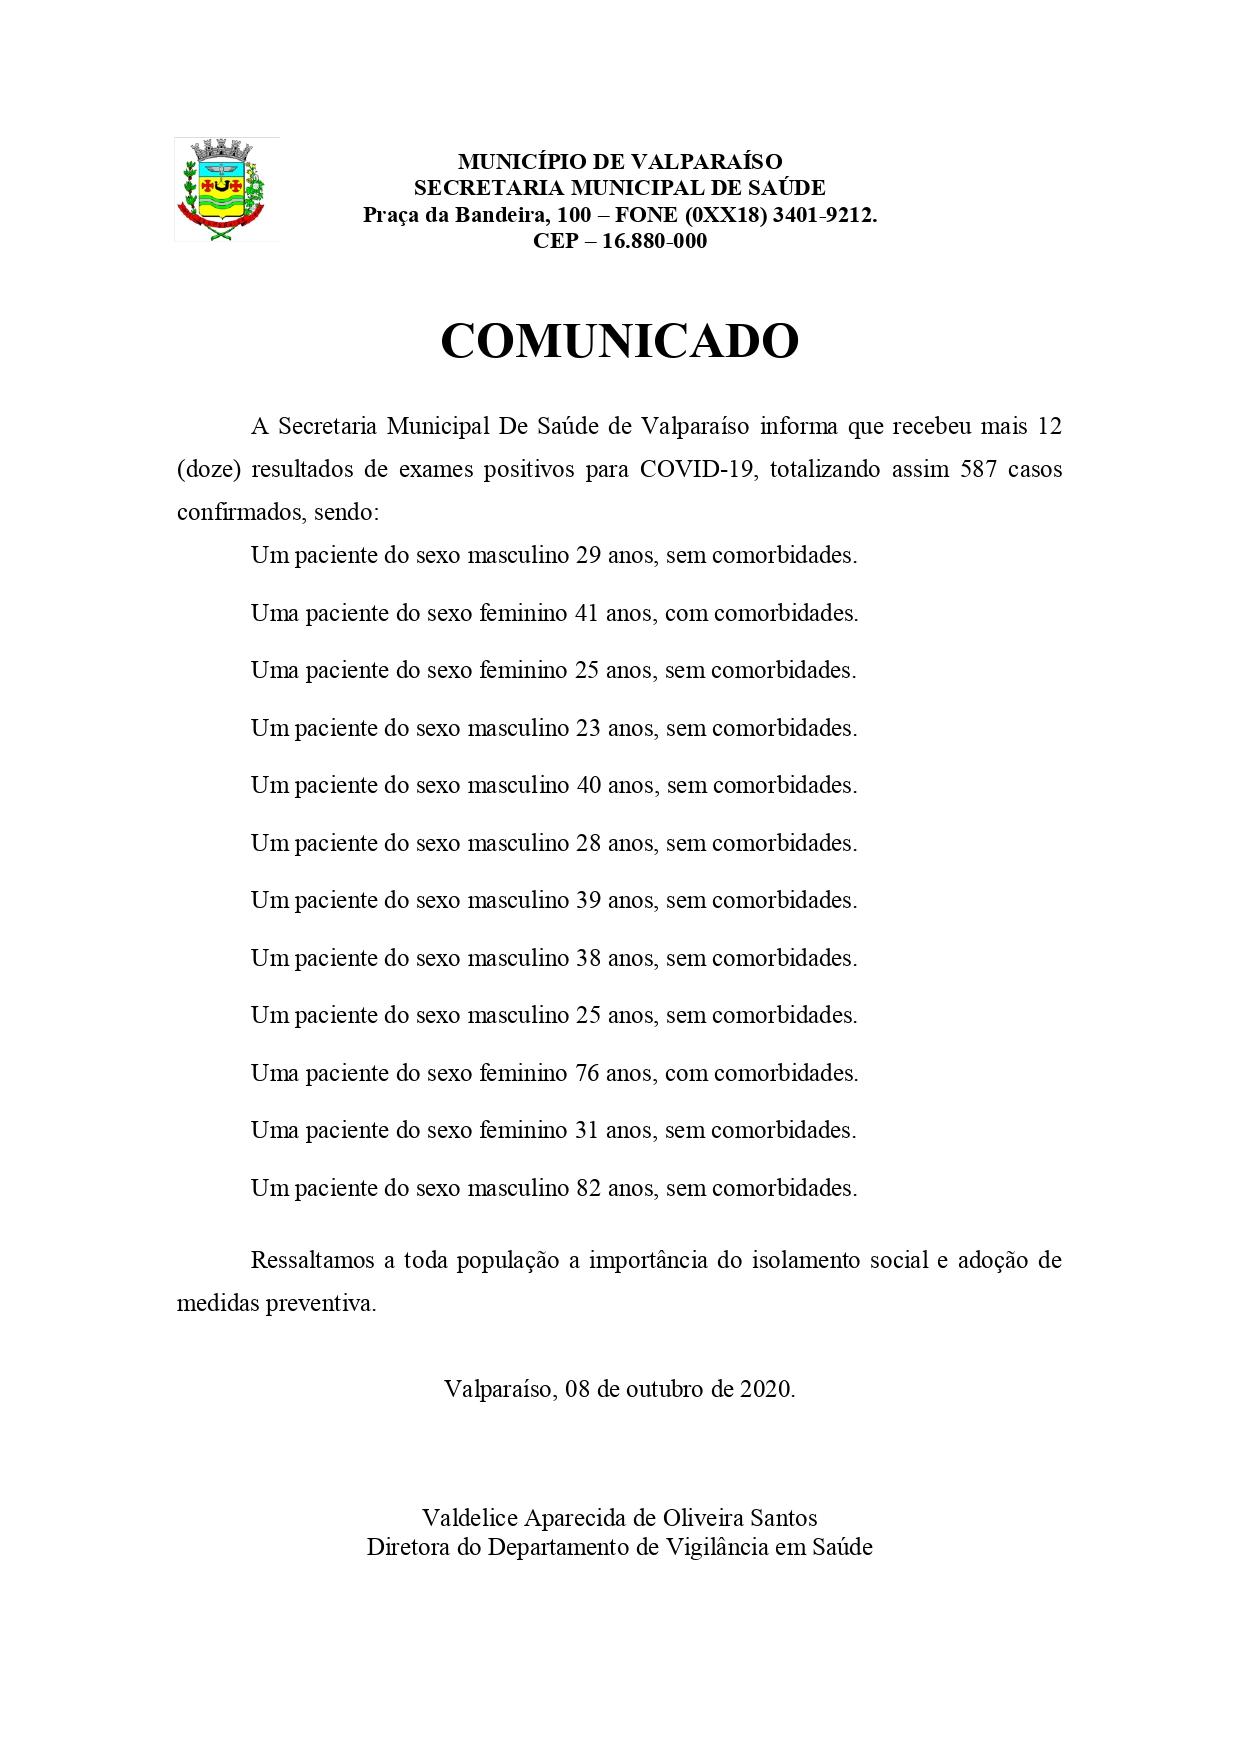 covid587